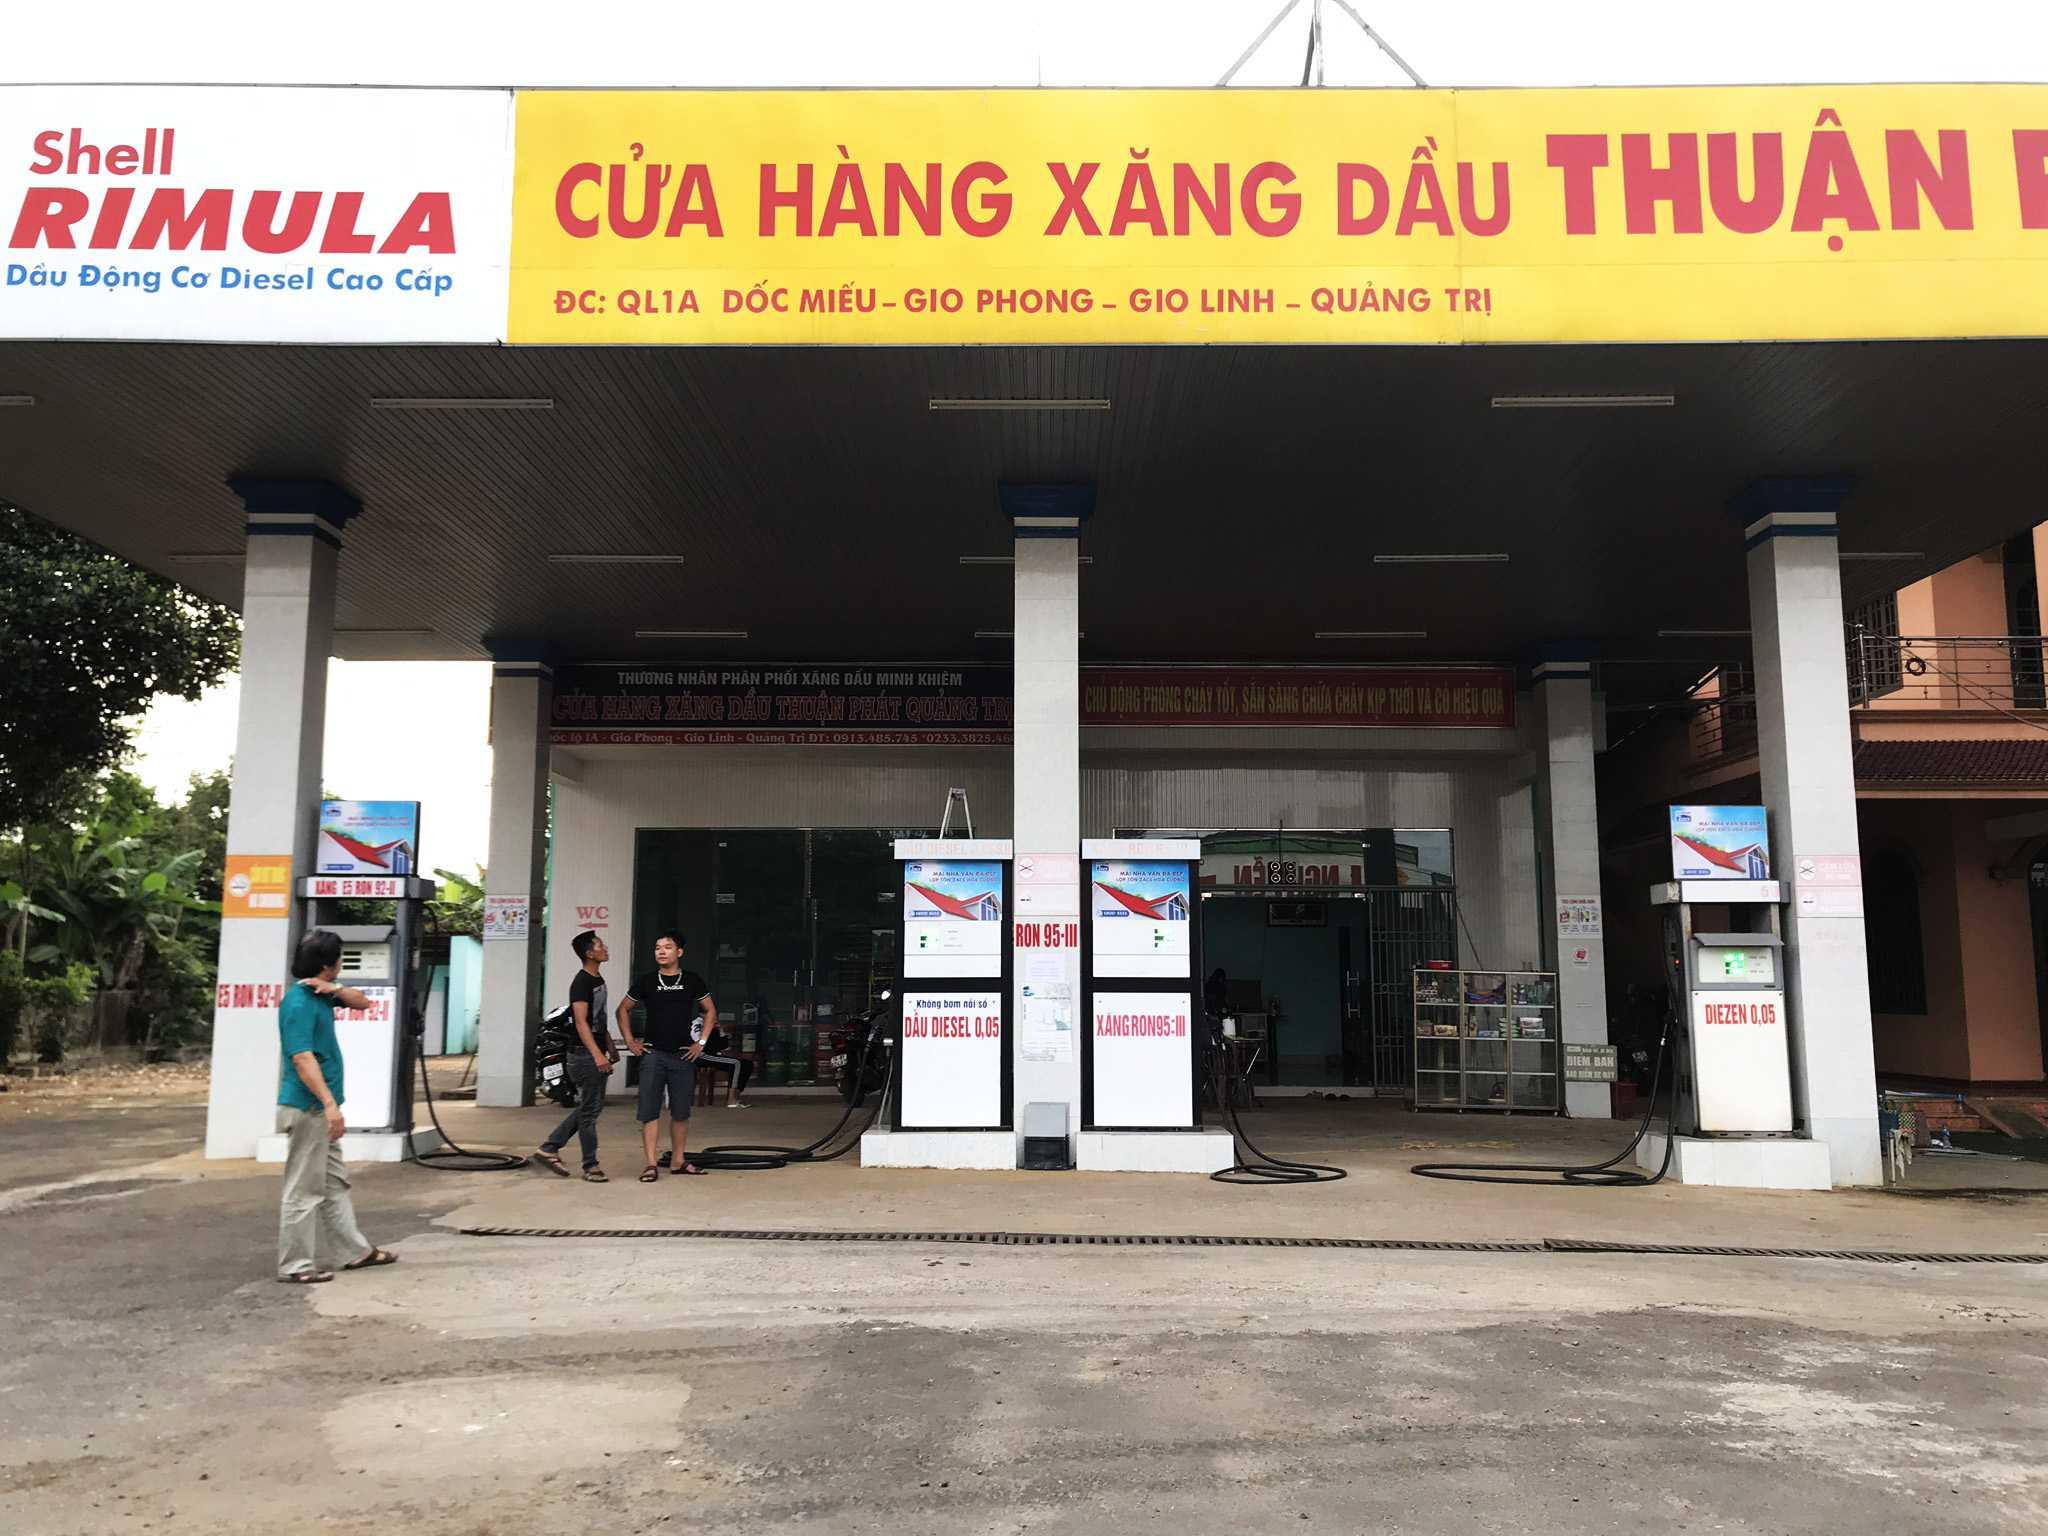 Quảng cáo CHXD Thuận Phát, QL1A, xã Gio Phong, huyện Gio Linh, Quảng Trị